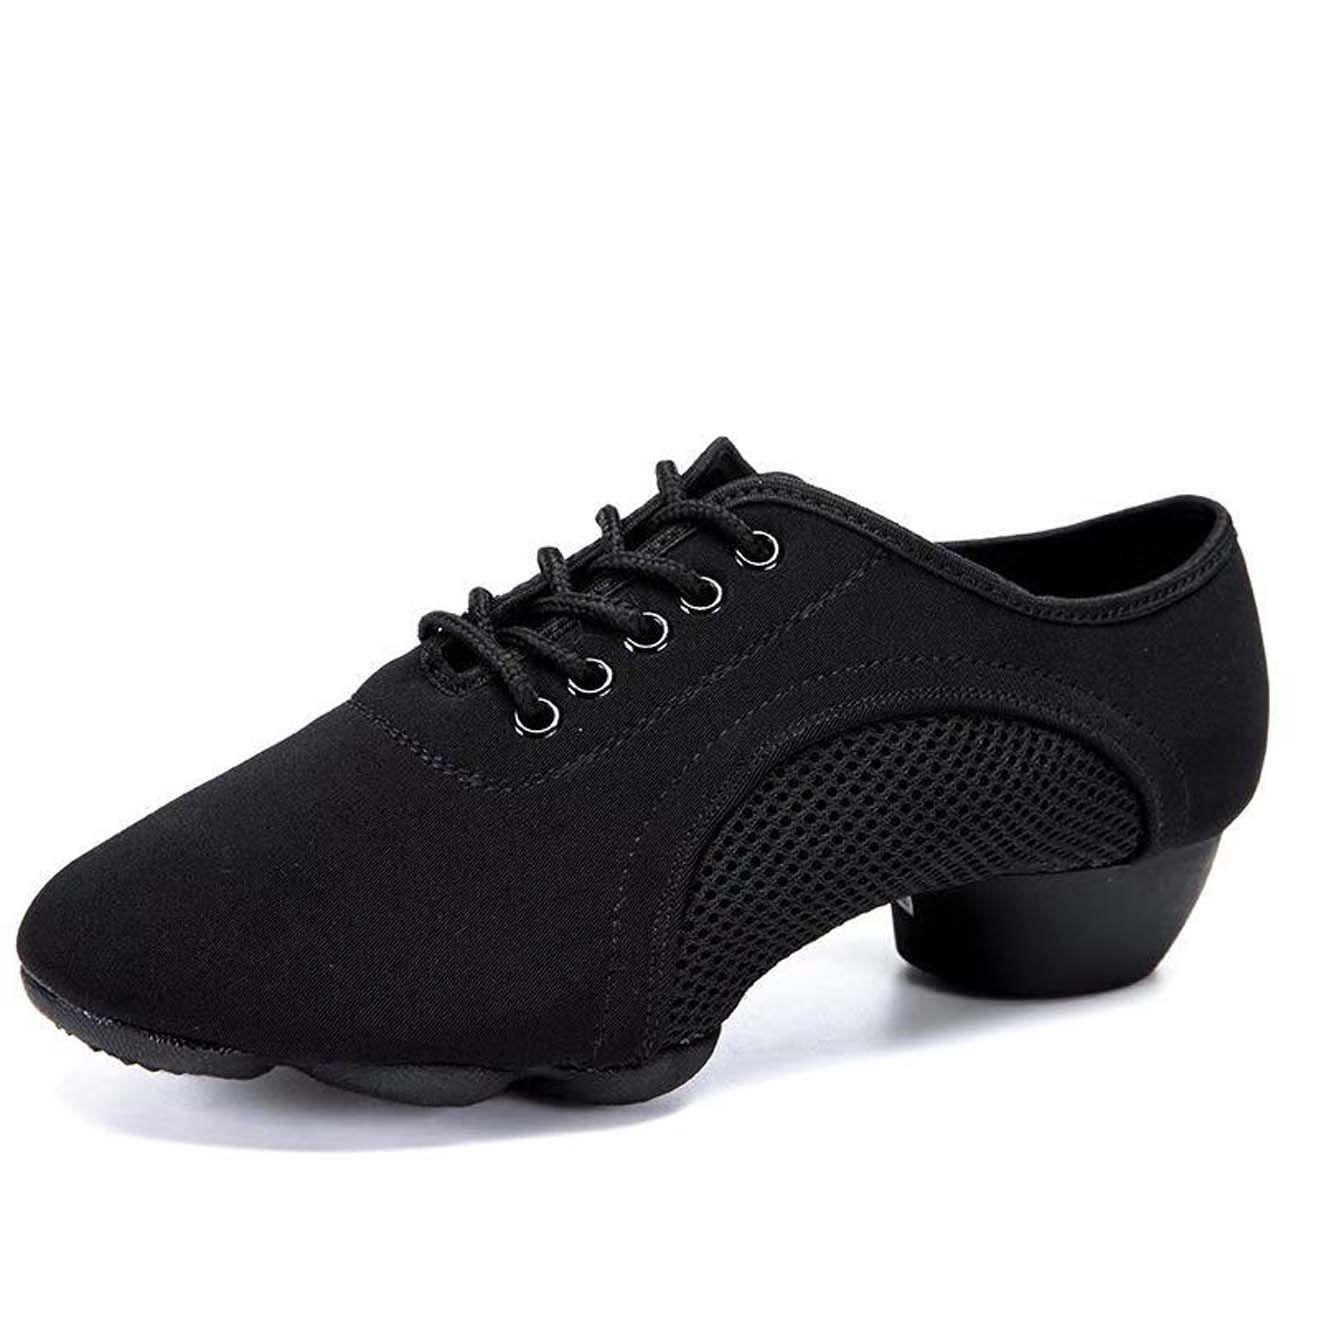 Classics Man Kadınlar Platformu Trainer Lüks Tasarımcılar Konfor Casual Ayakkabı Sneaker adam Kadınlar Deri Ayakkabı Chaussures Trainers shoe013 PHX141